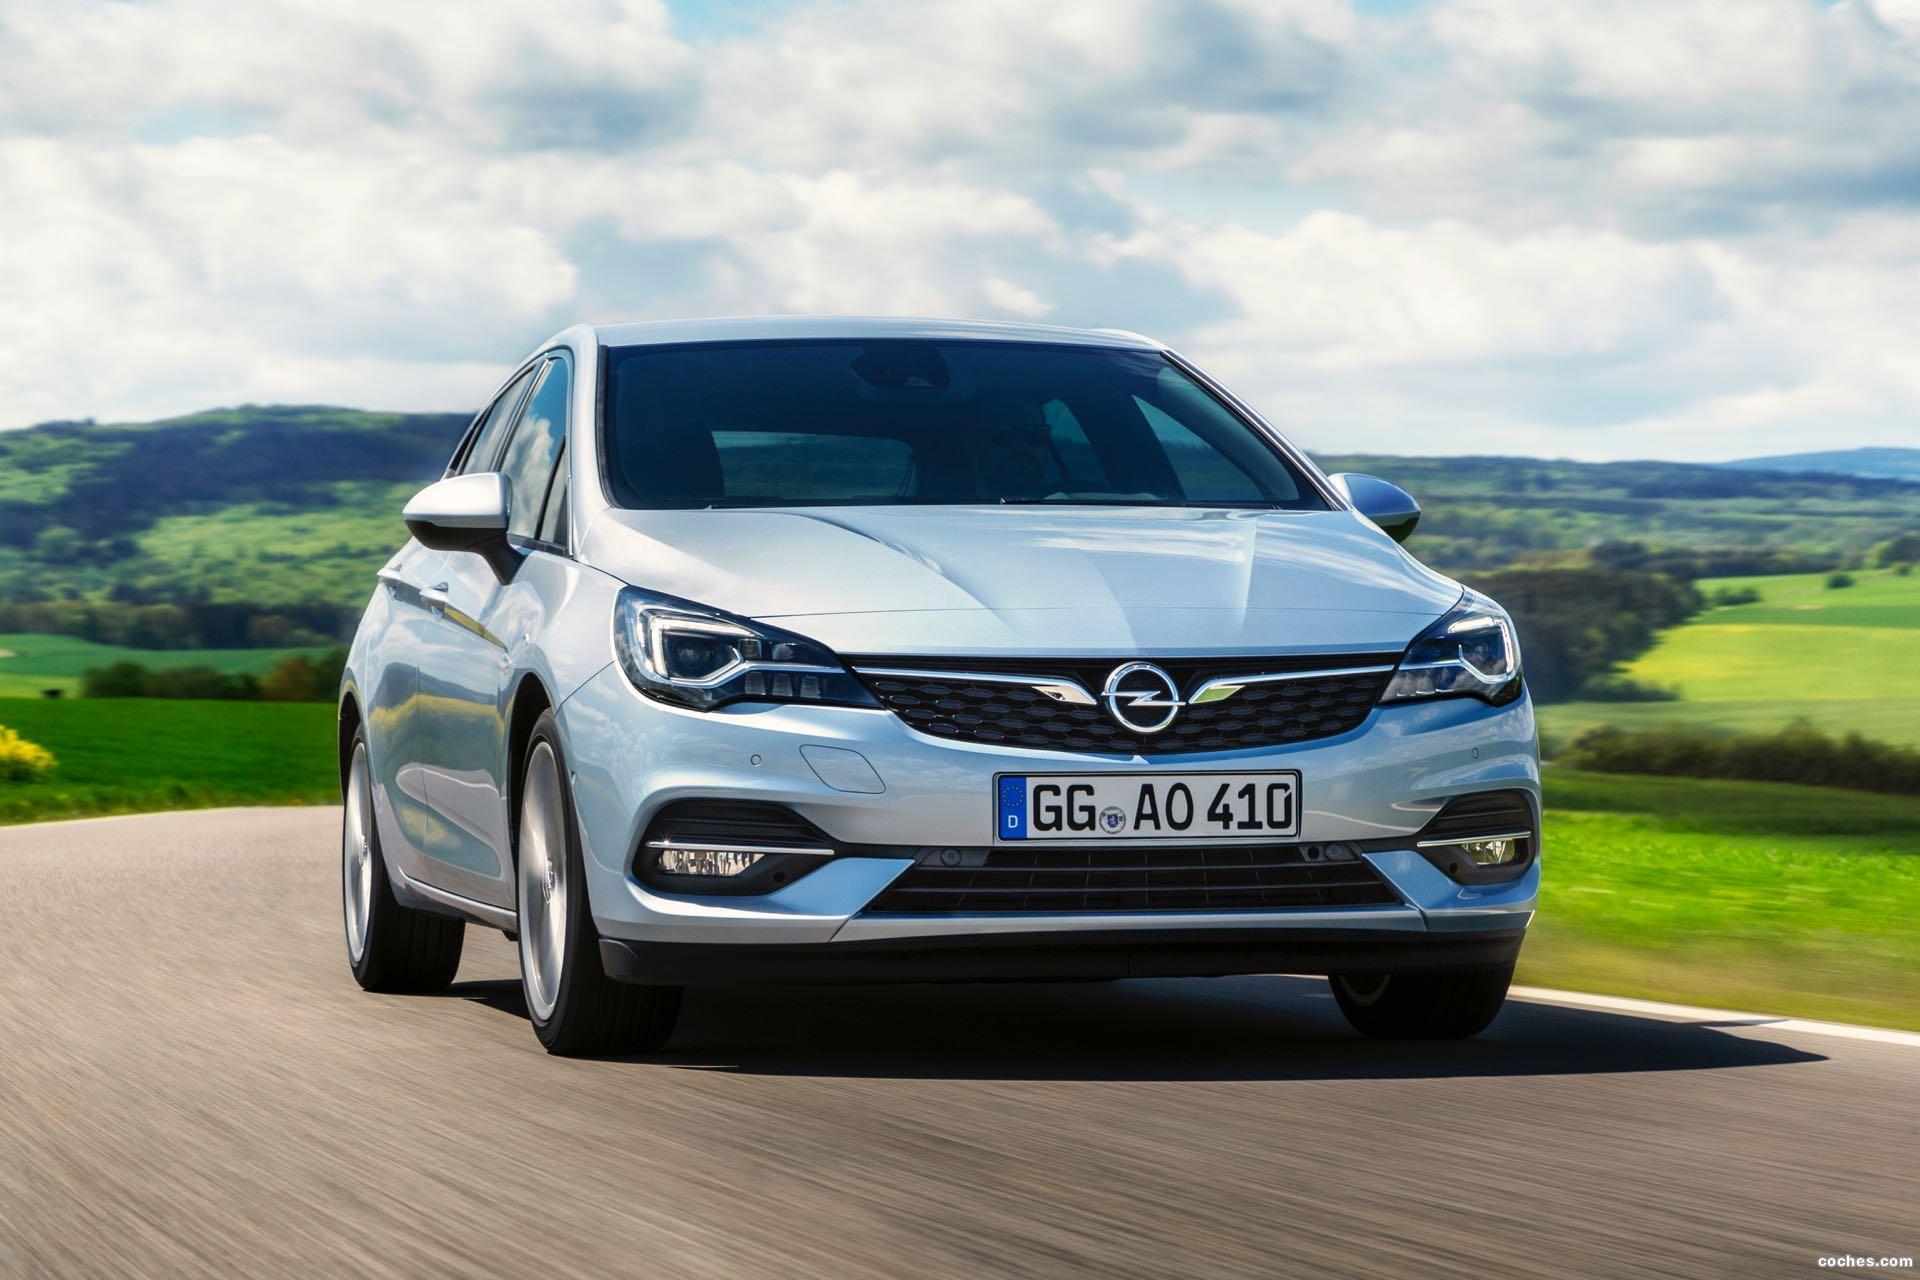 Foto 1 de Opel Astra 2019